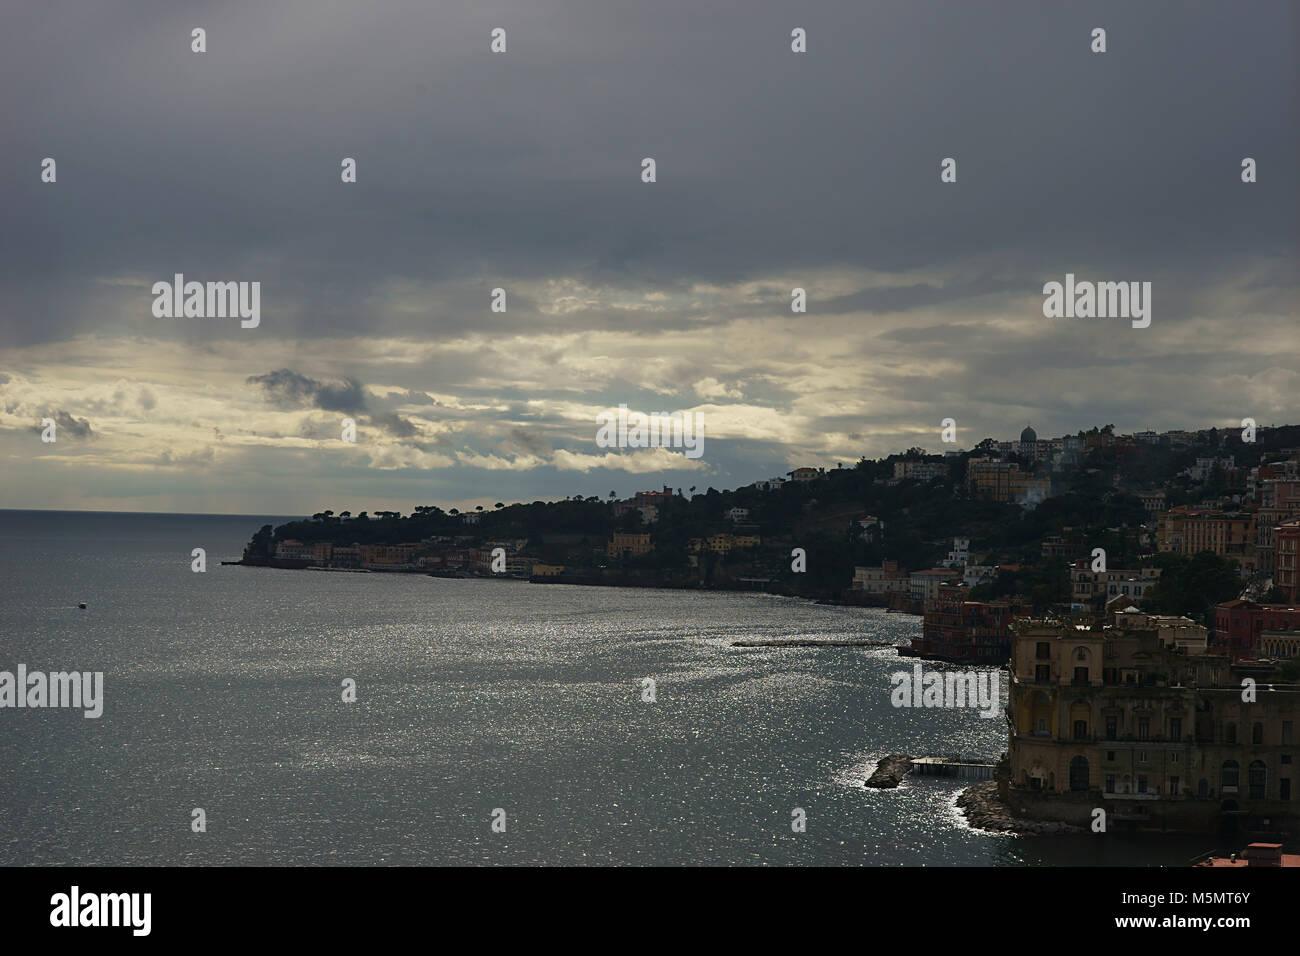 Landscape Of Posillipo Immagini & Landscape Of Posillipo Fotos Stock ...